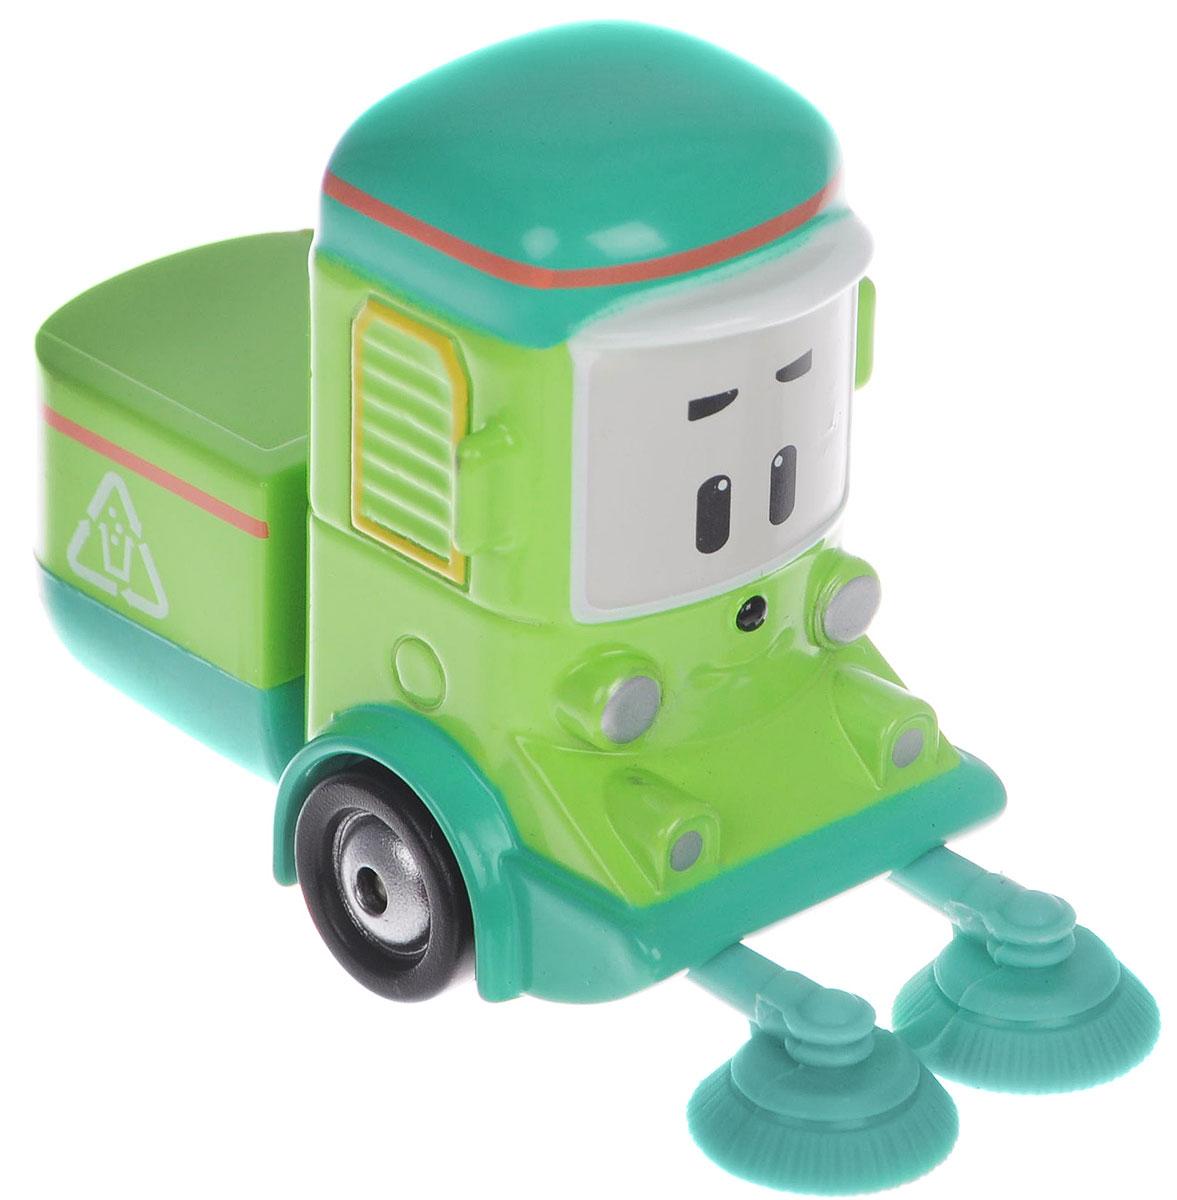 Robocar Poli Игрушка Машинка Клини83167Яркая игрушка Poli Машинка Клини непременно понравится вашему малышу. Она выполнена из металла с элементами пластика в виде машинки для уборки мусора Клини - персонажа популярного мультсериала Robocar Poli. Клини оснащен колесиками со свободным ходом, позволяющими катать машинку. Благодаря небольшому размеру ребенок сможет взять игрушку с собой на прогулку, в поездку или в гости. Порадуйте своего малыша таким замечательным подарком!